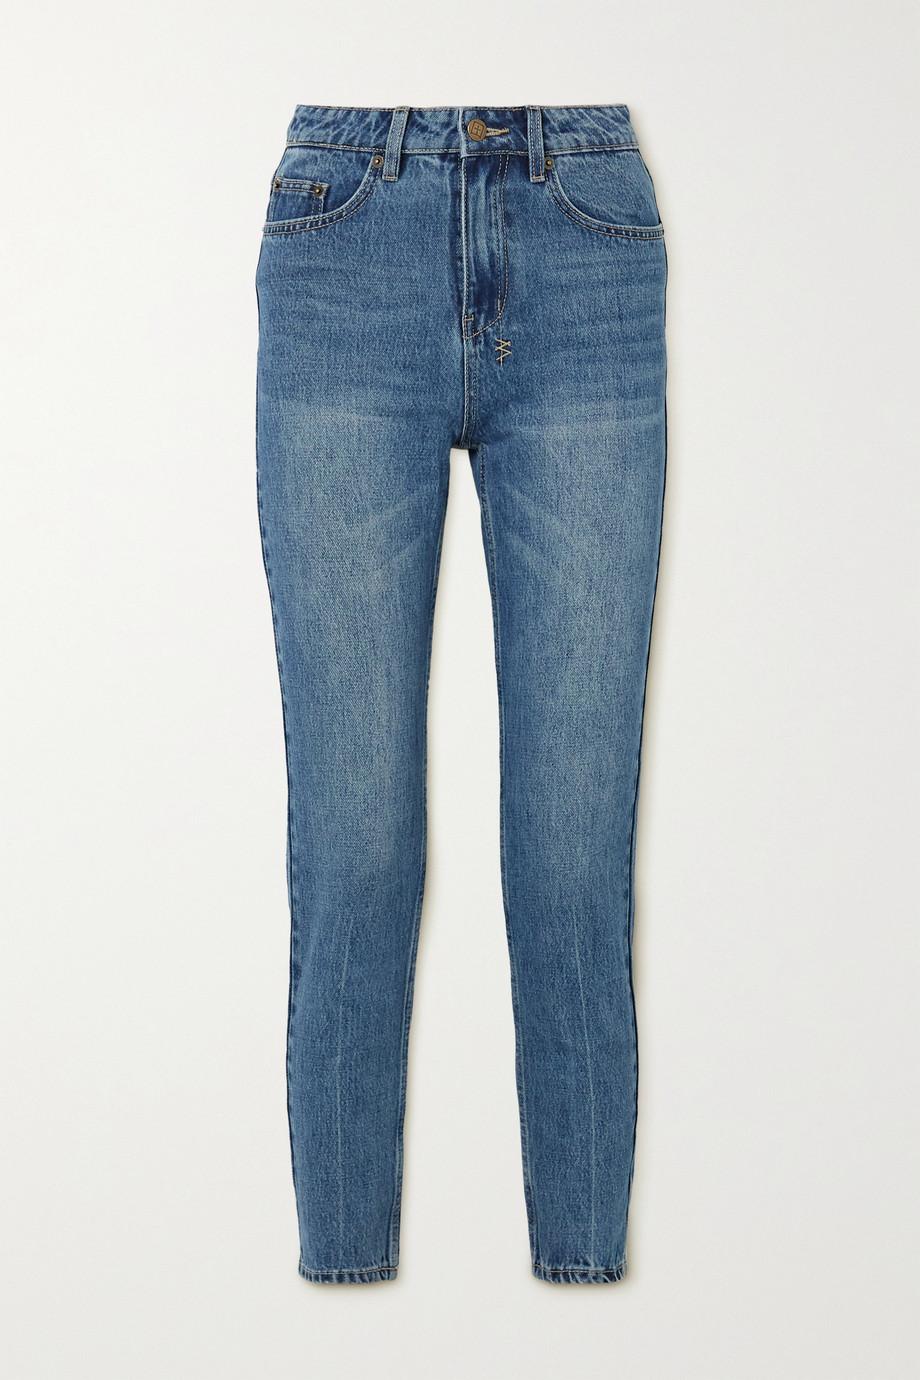 Ksubi Slim Pin verkürzte hoch sitzende Jeans mit schmalem Bein